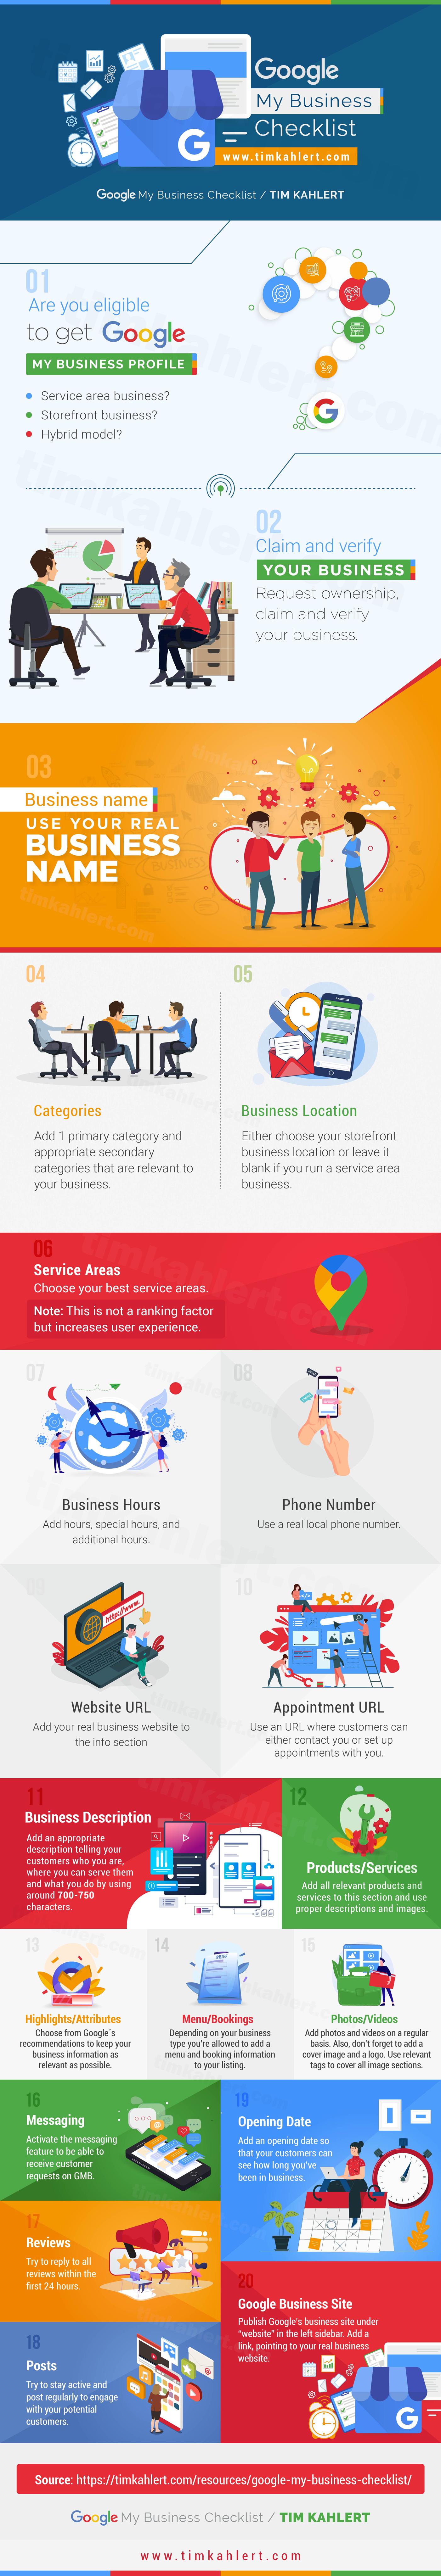 Google-My-Business-Checklist2